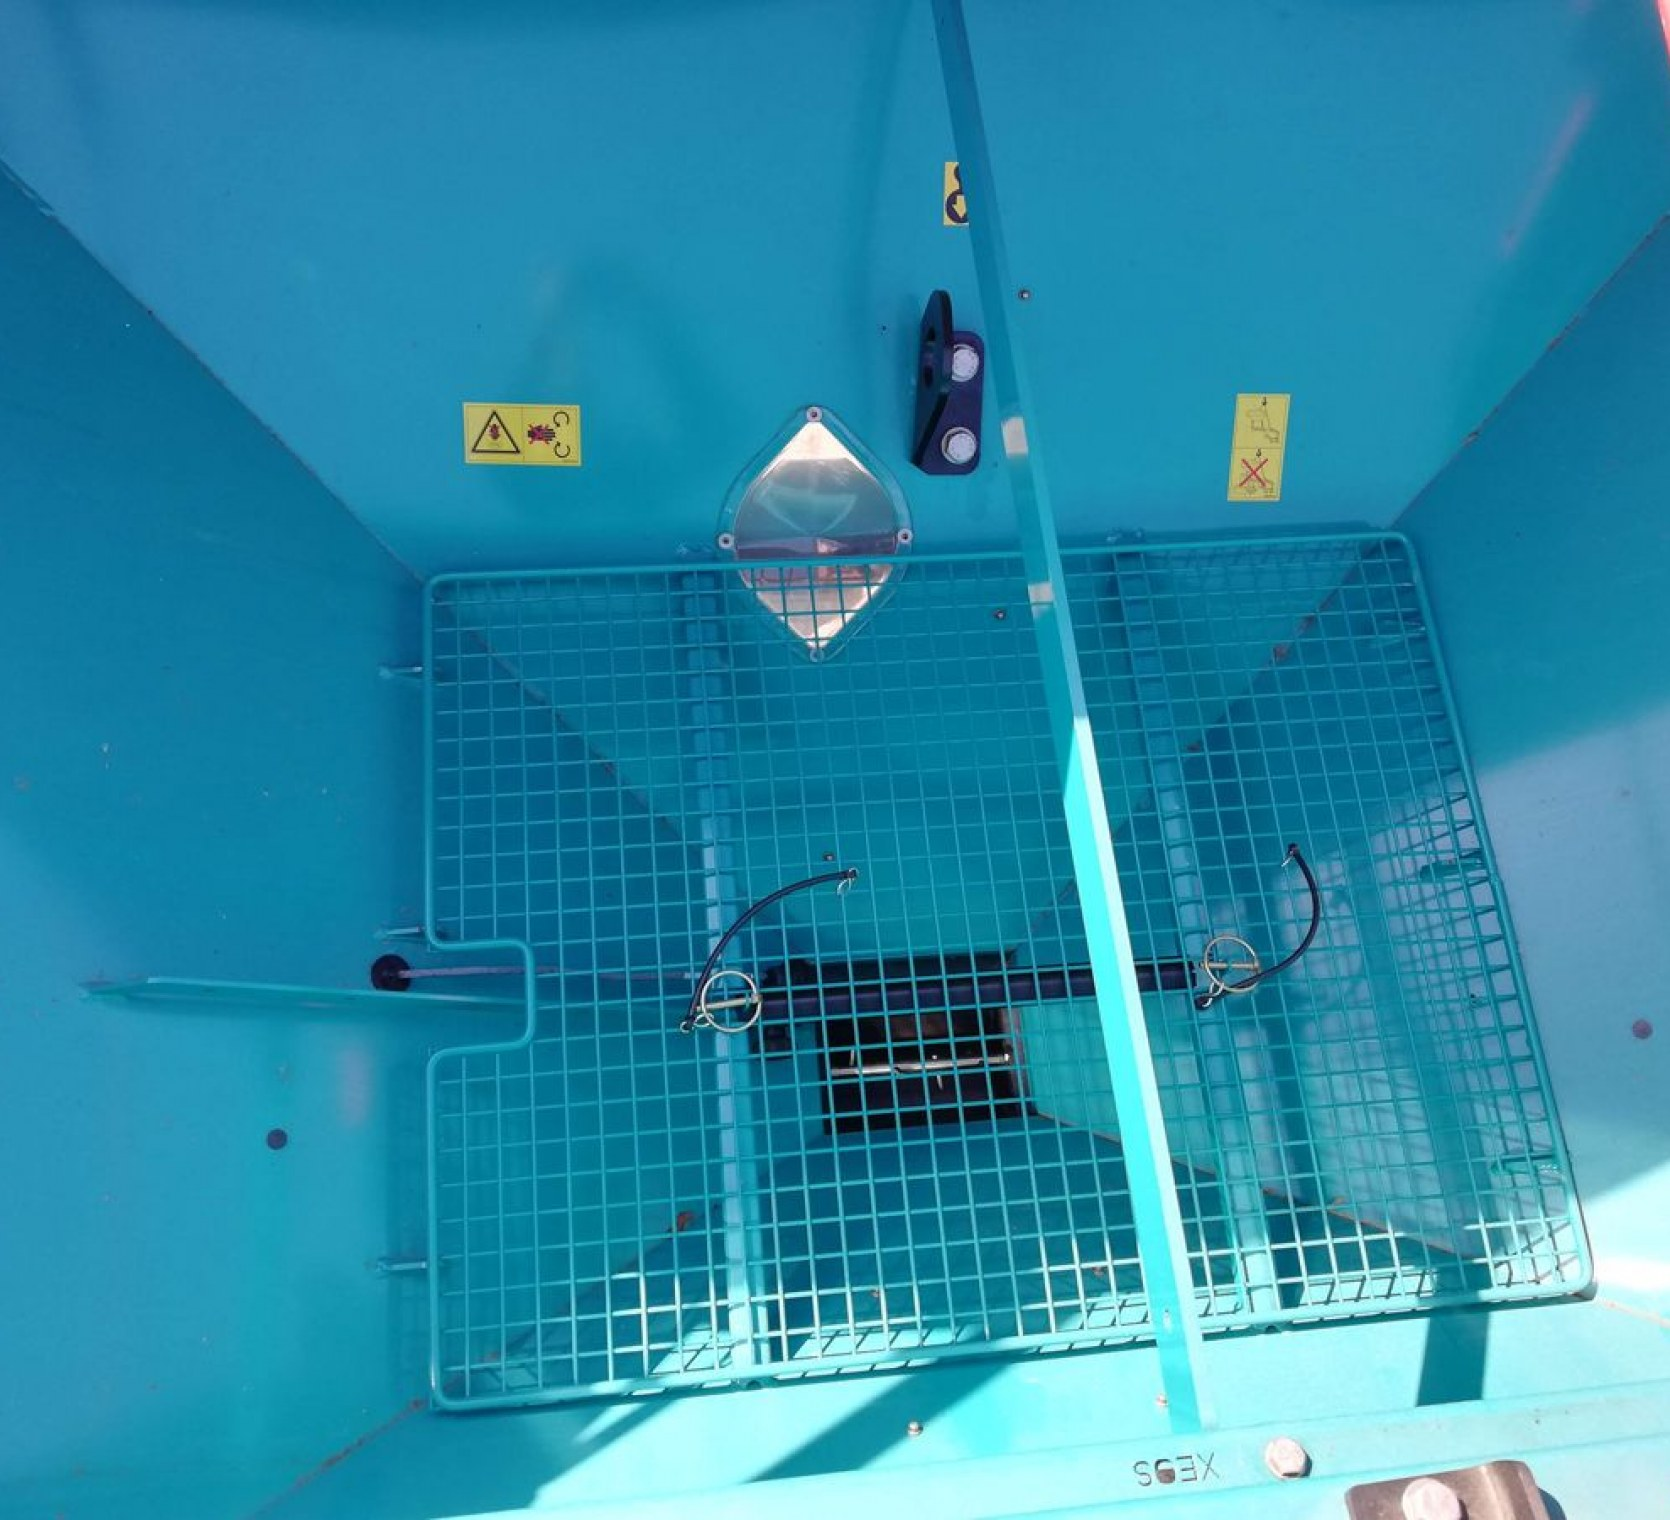 Wnętrze zbiornika na ziarno, sito , denko prowadzące materiał siewny do dozownika elektrycznego